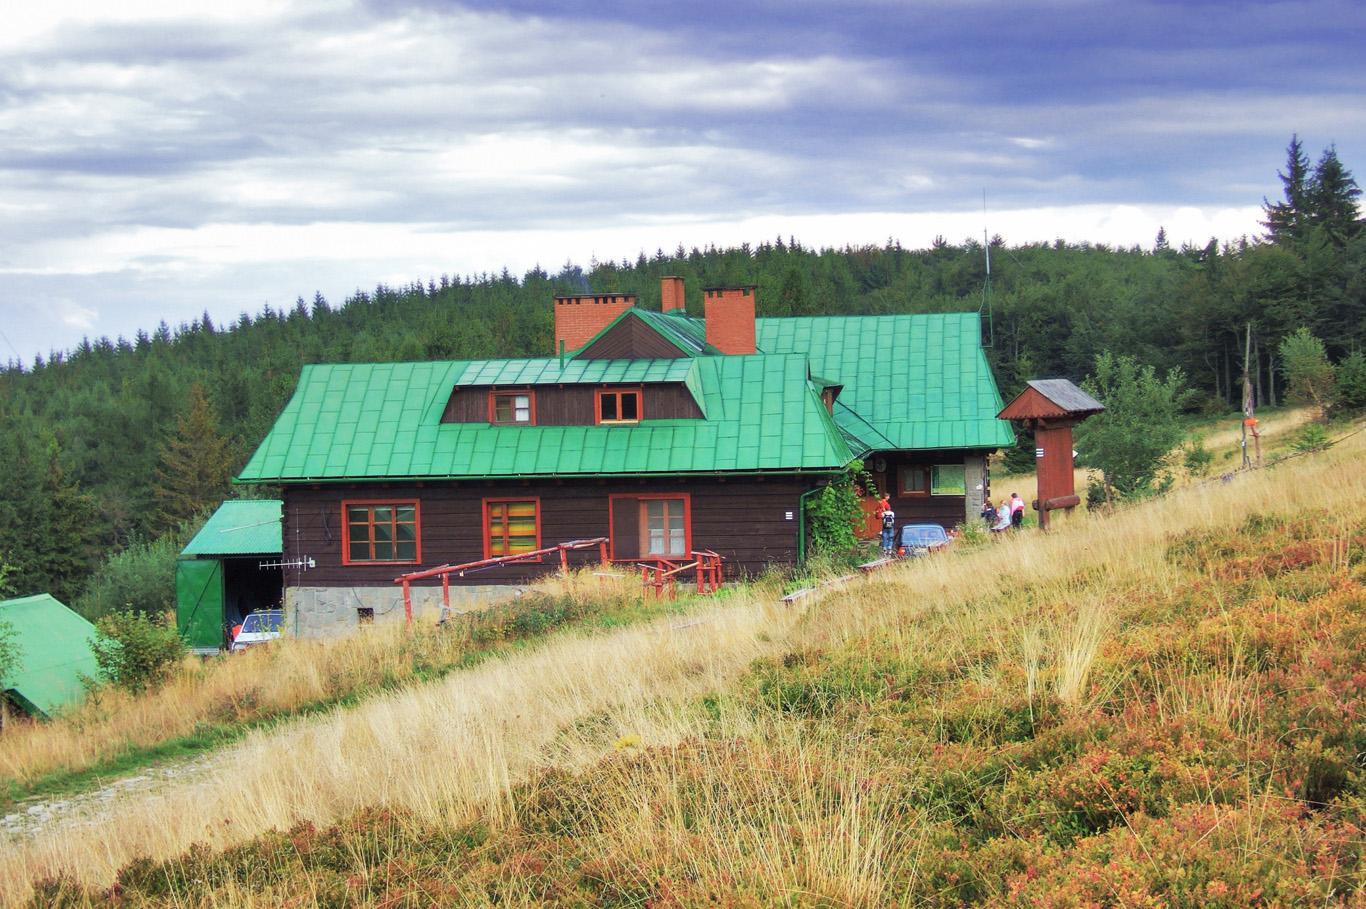 Mountain hostel in Labowska Hala